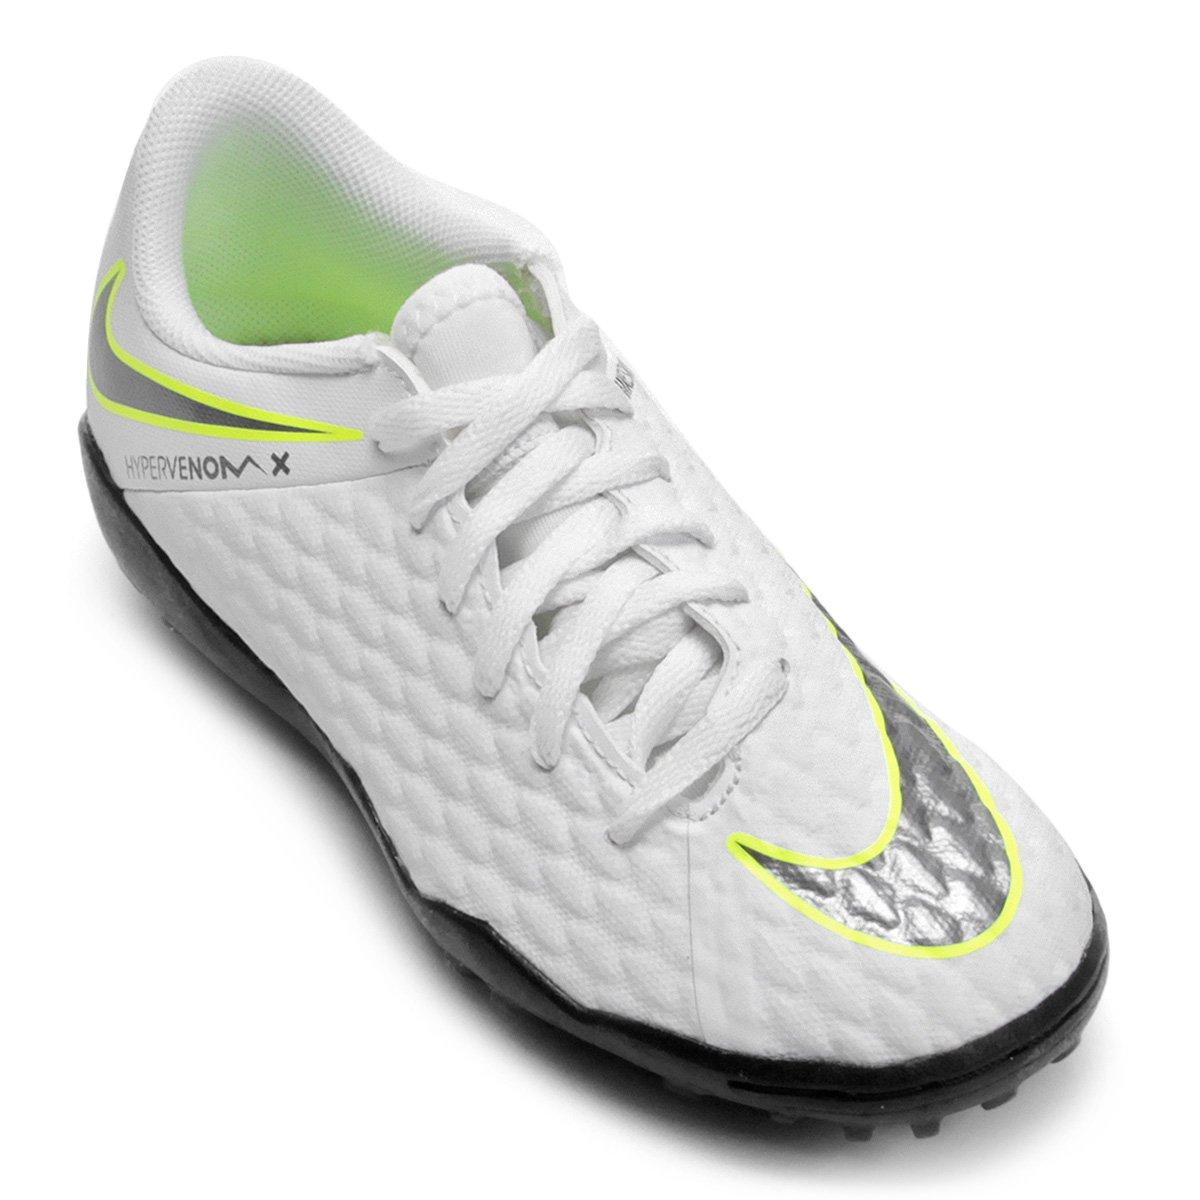 75d3cc44f12cd Chuteira Society Infantil Nike Hypervenom 3 Academy TF - Branco e Cinza - Compre  Agora